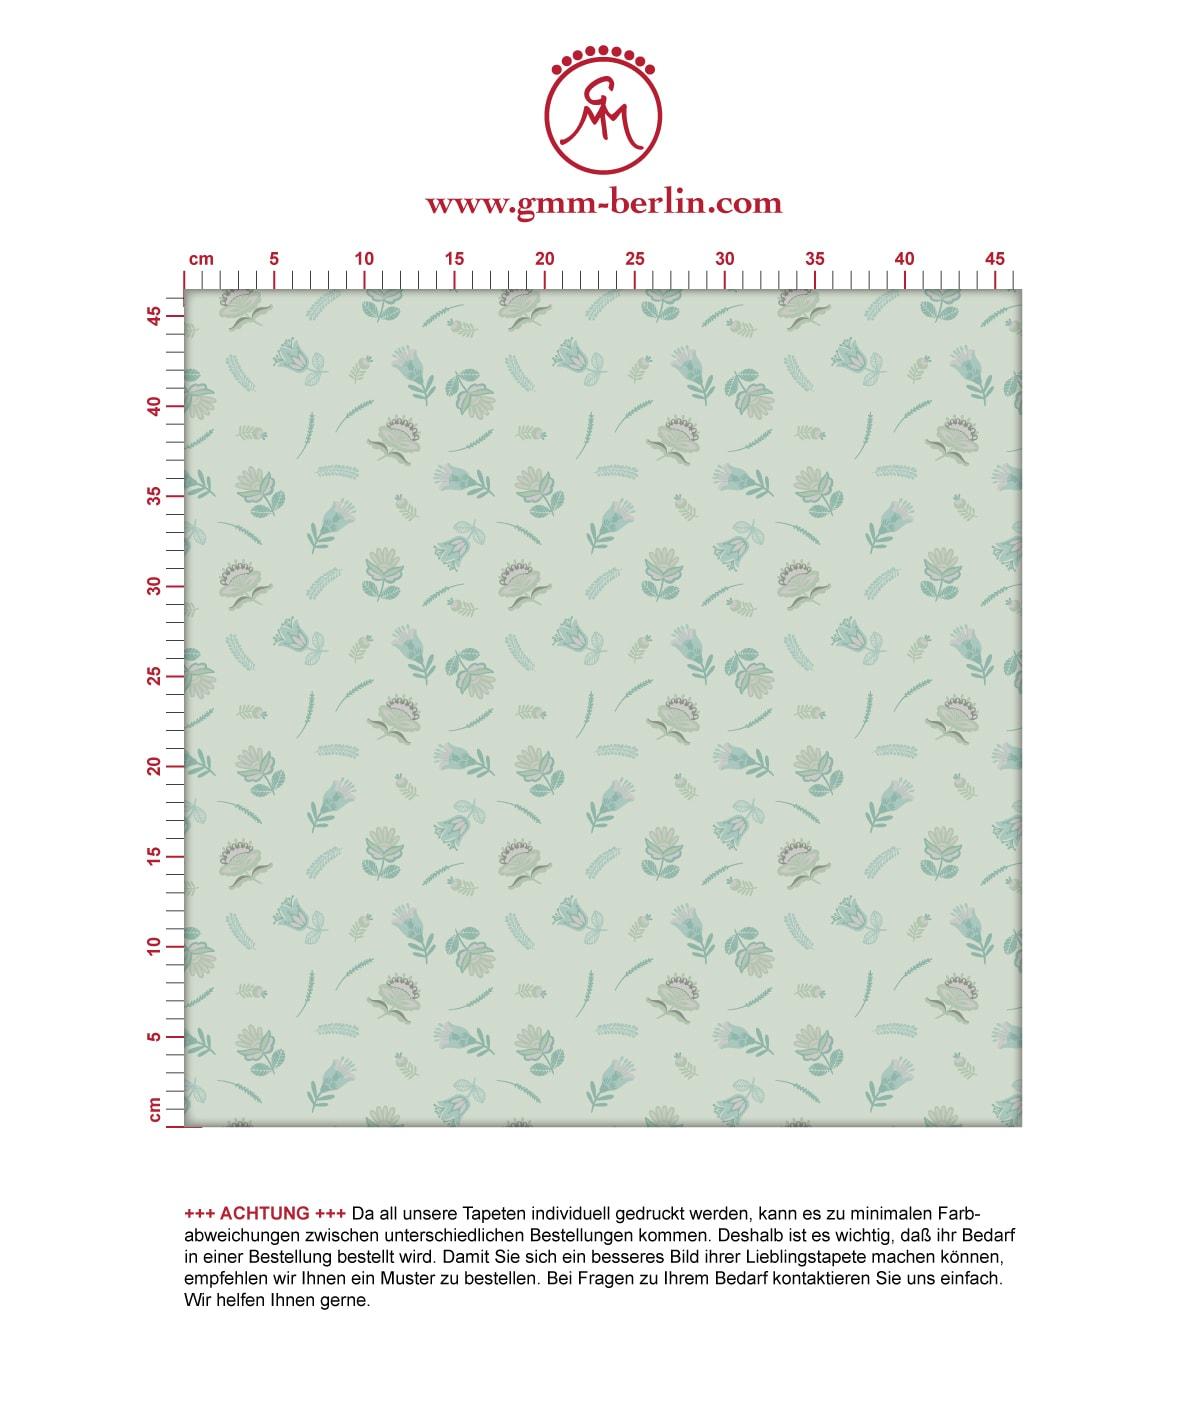 Folklore Streublümchen Tapete mit kleinen Blüten, mint grüne Vlies-Tapete Blumen, exotische Wanddeko für Schlafzimmer. Aus dem GMM-BERLIN.com Sortiment: Schöne Tapeten in der Farbe: grün